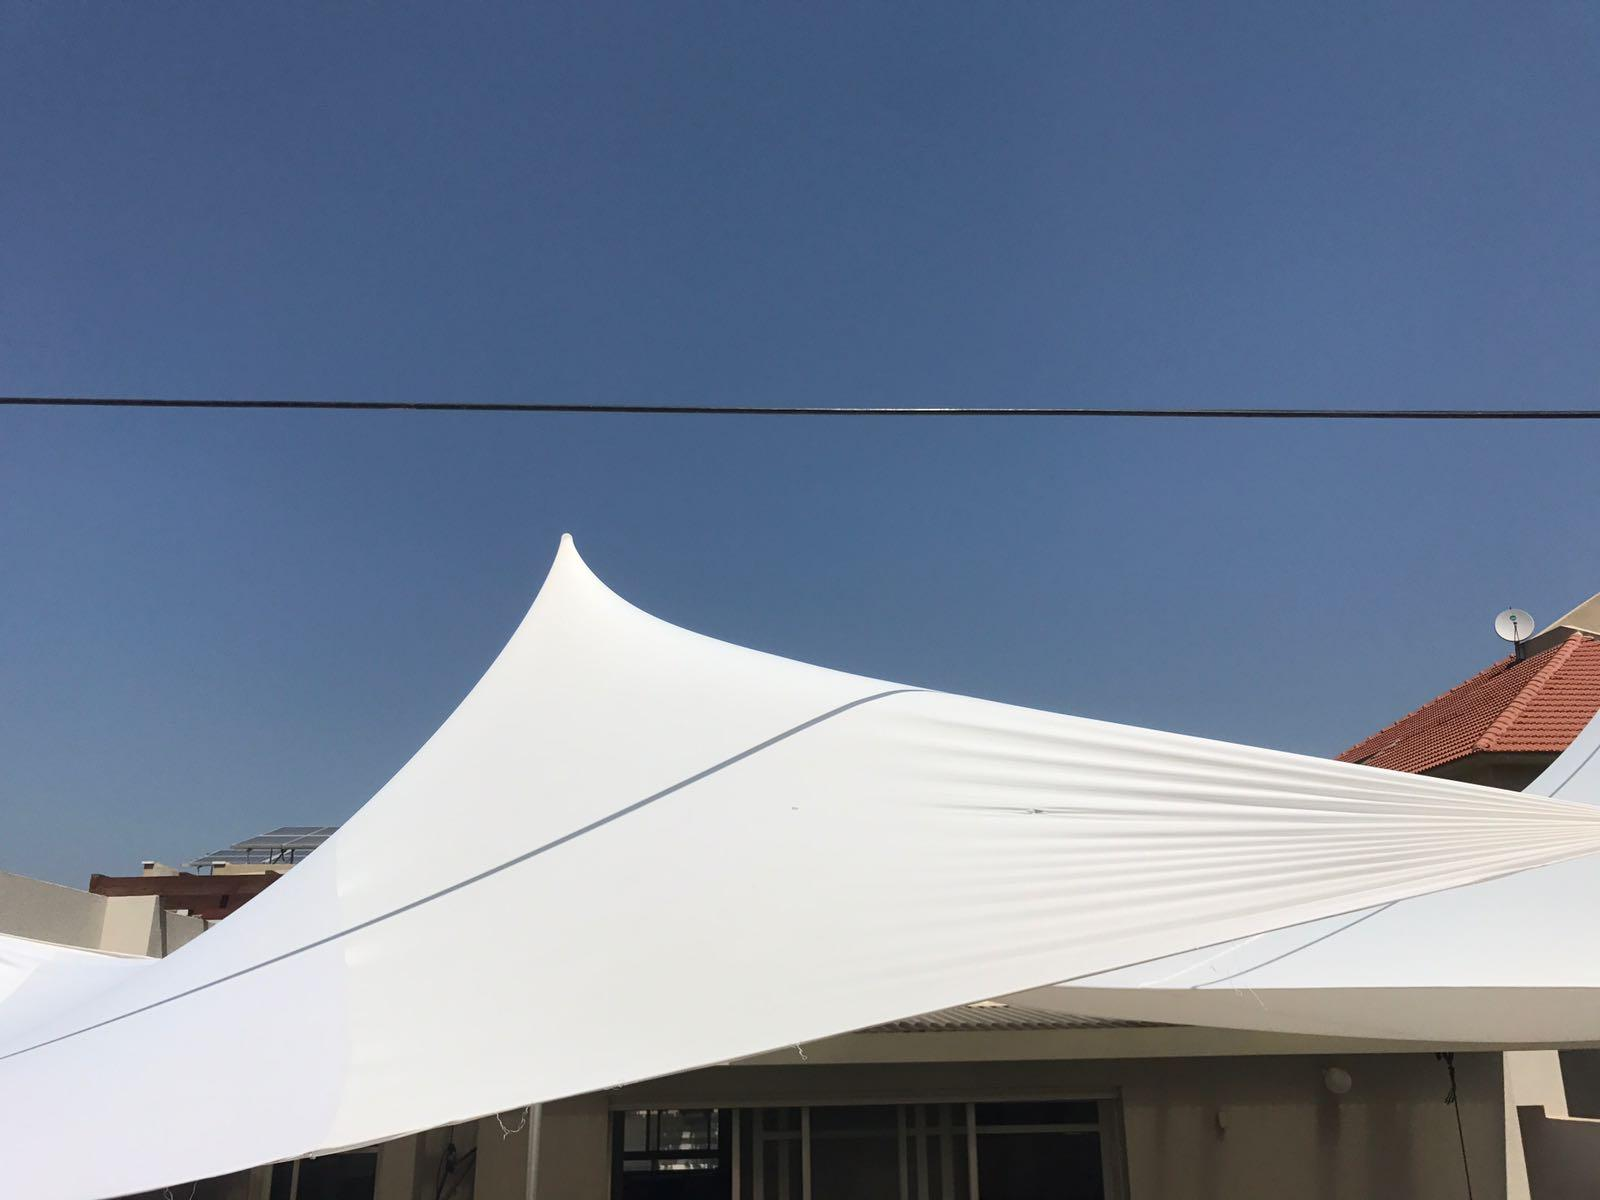 השכרת אוהל שאנטי (צילייה) גודל 5X4